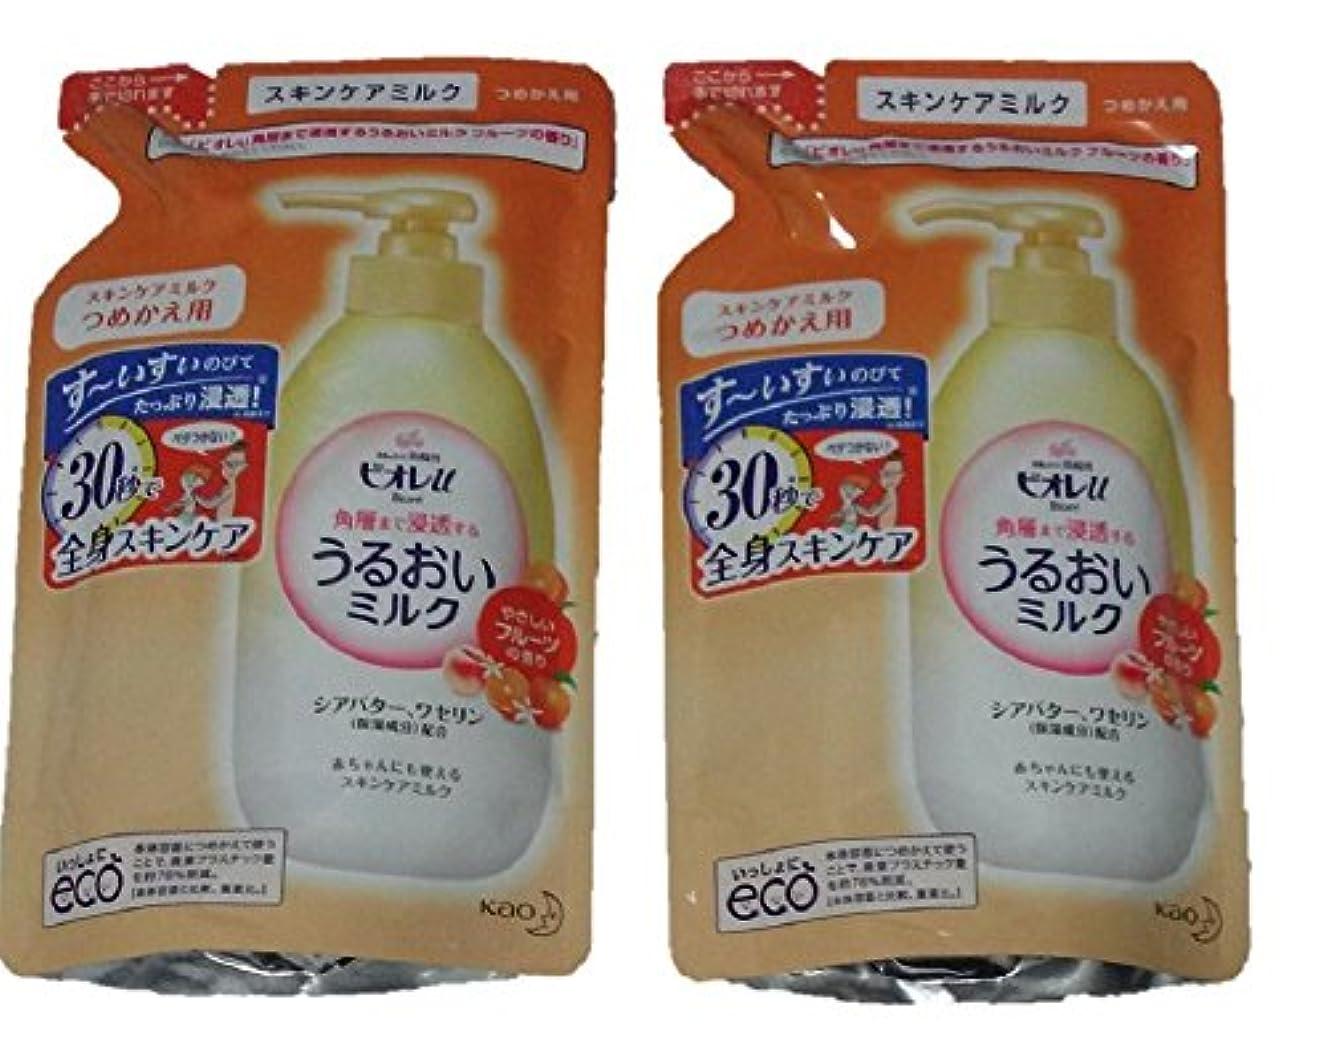 から聞く議論するセットアップ【2袋セット】 ビオレU うるおいミルク フルーツの香り つめかえ用